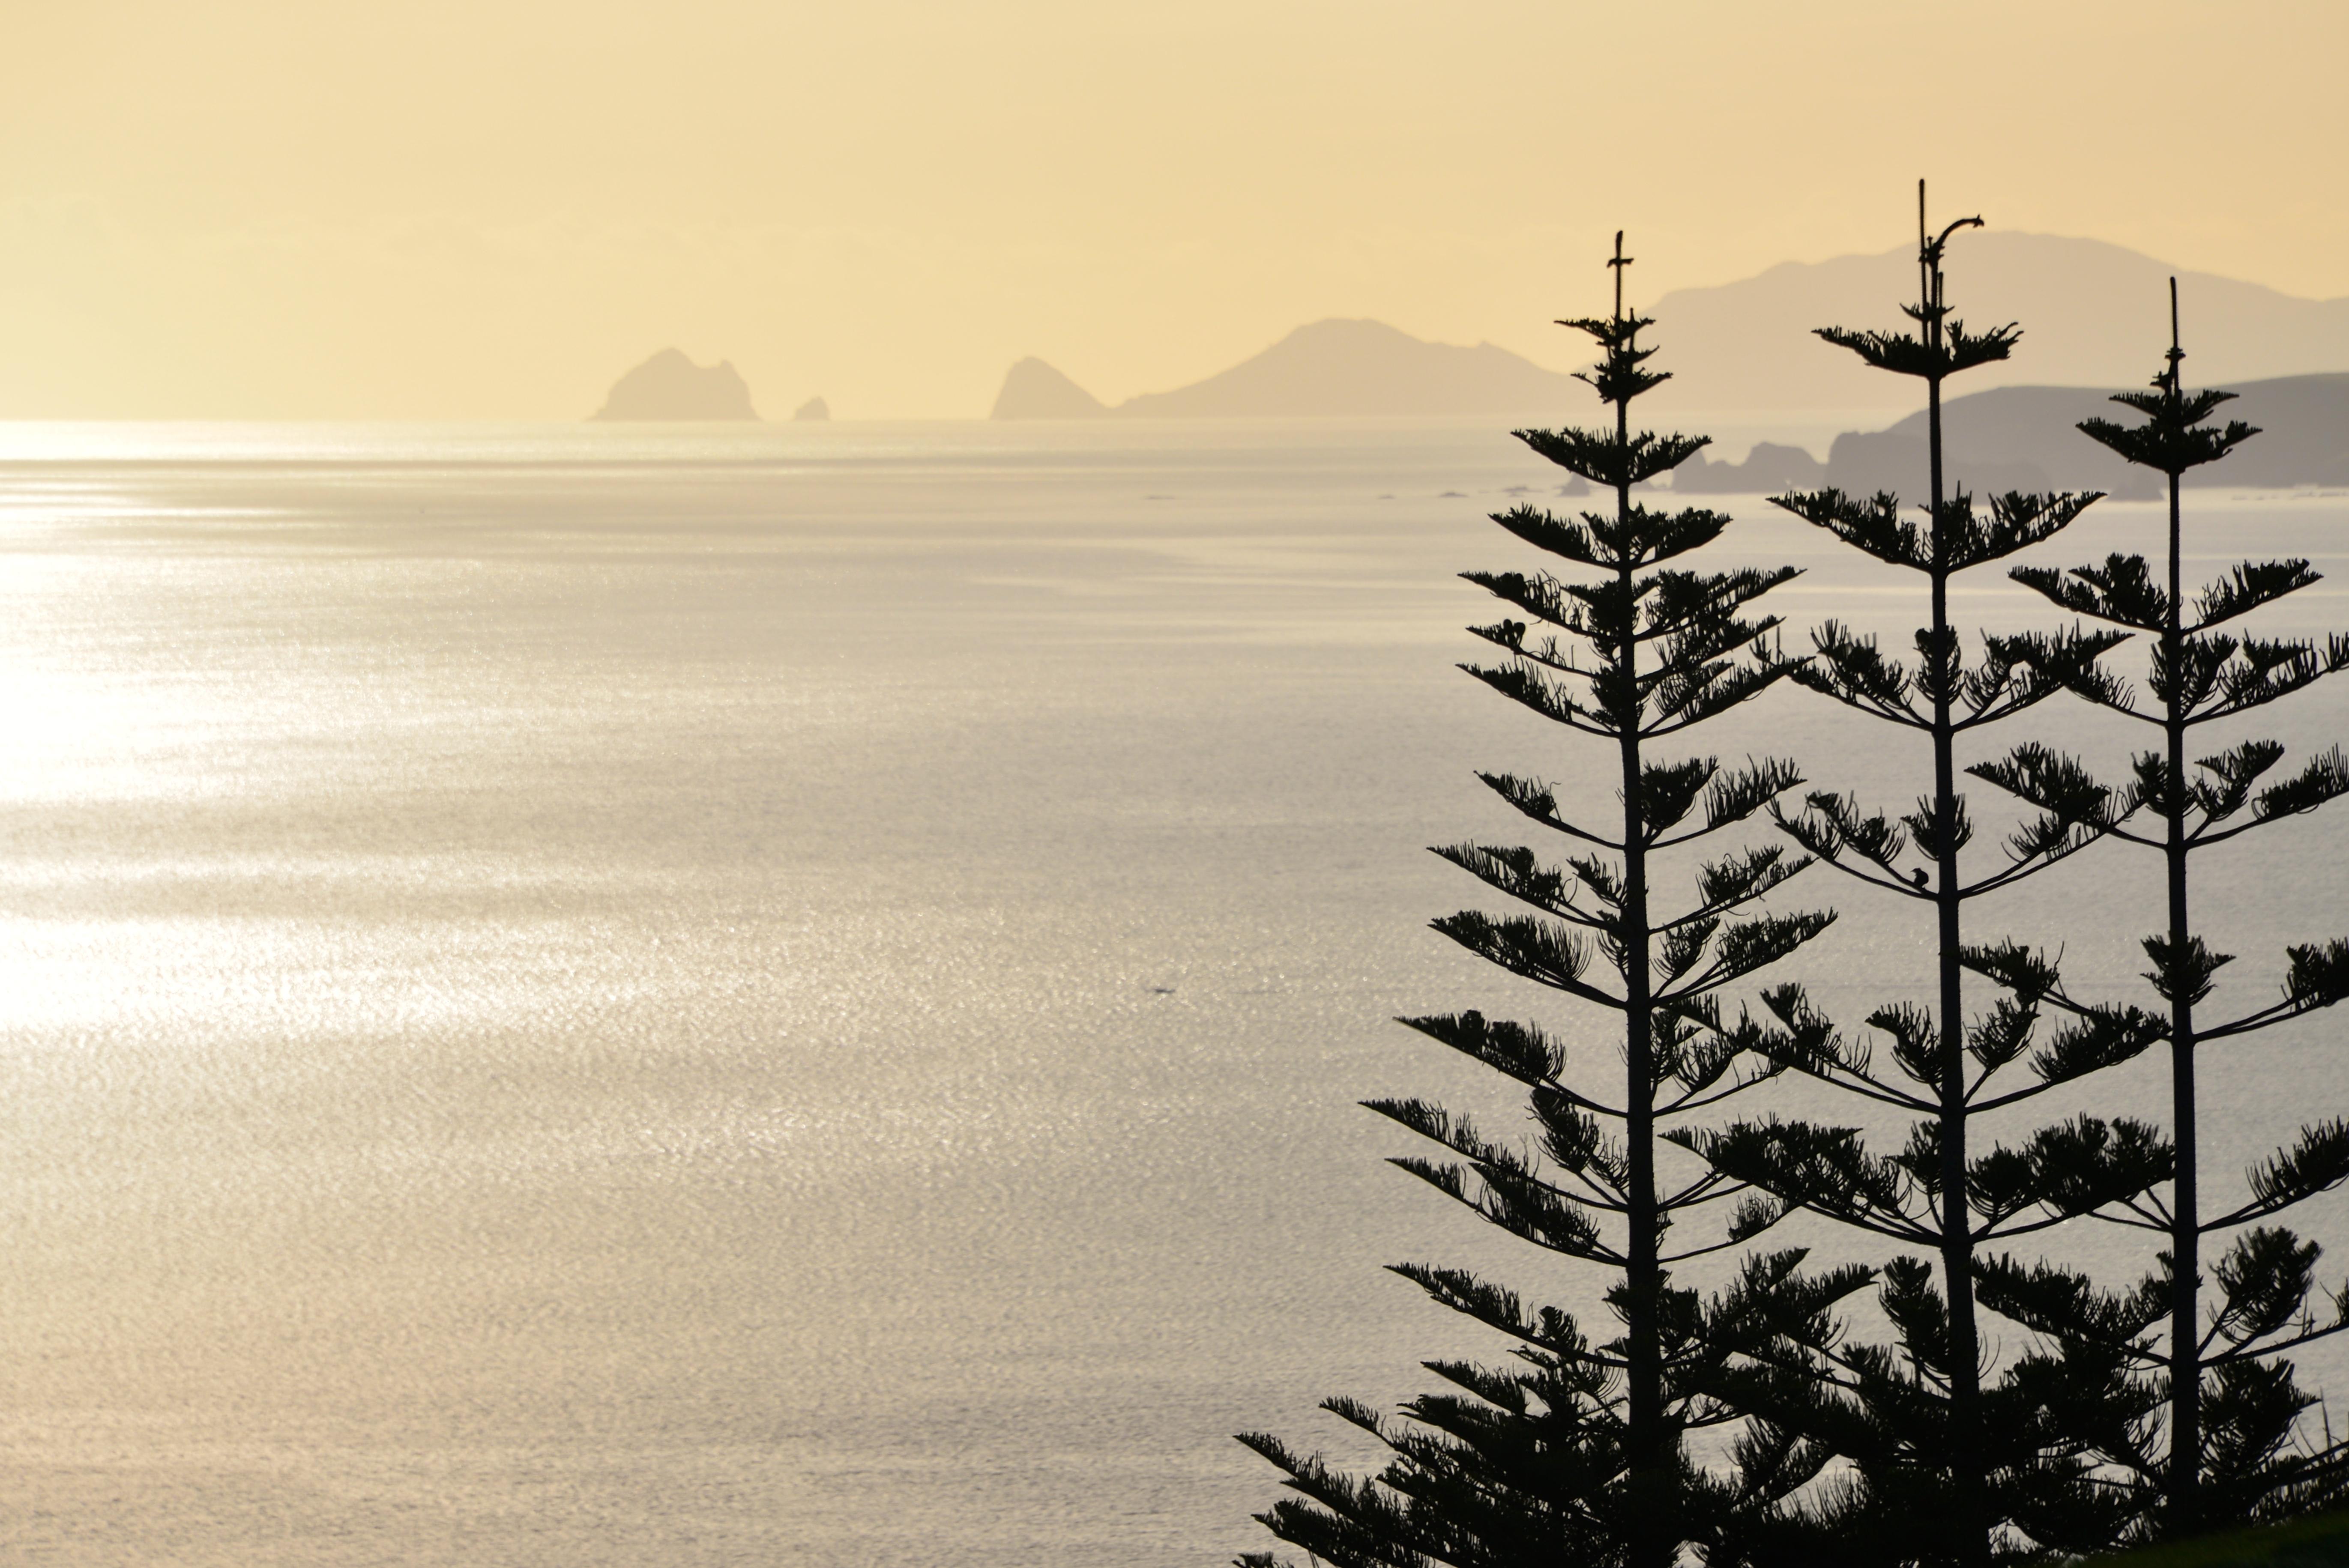 Les merveilleuses vues de Kauri Cliffs - Nouvelle-Zélande - Grand Voyage 2014